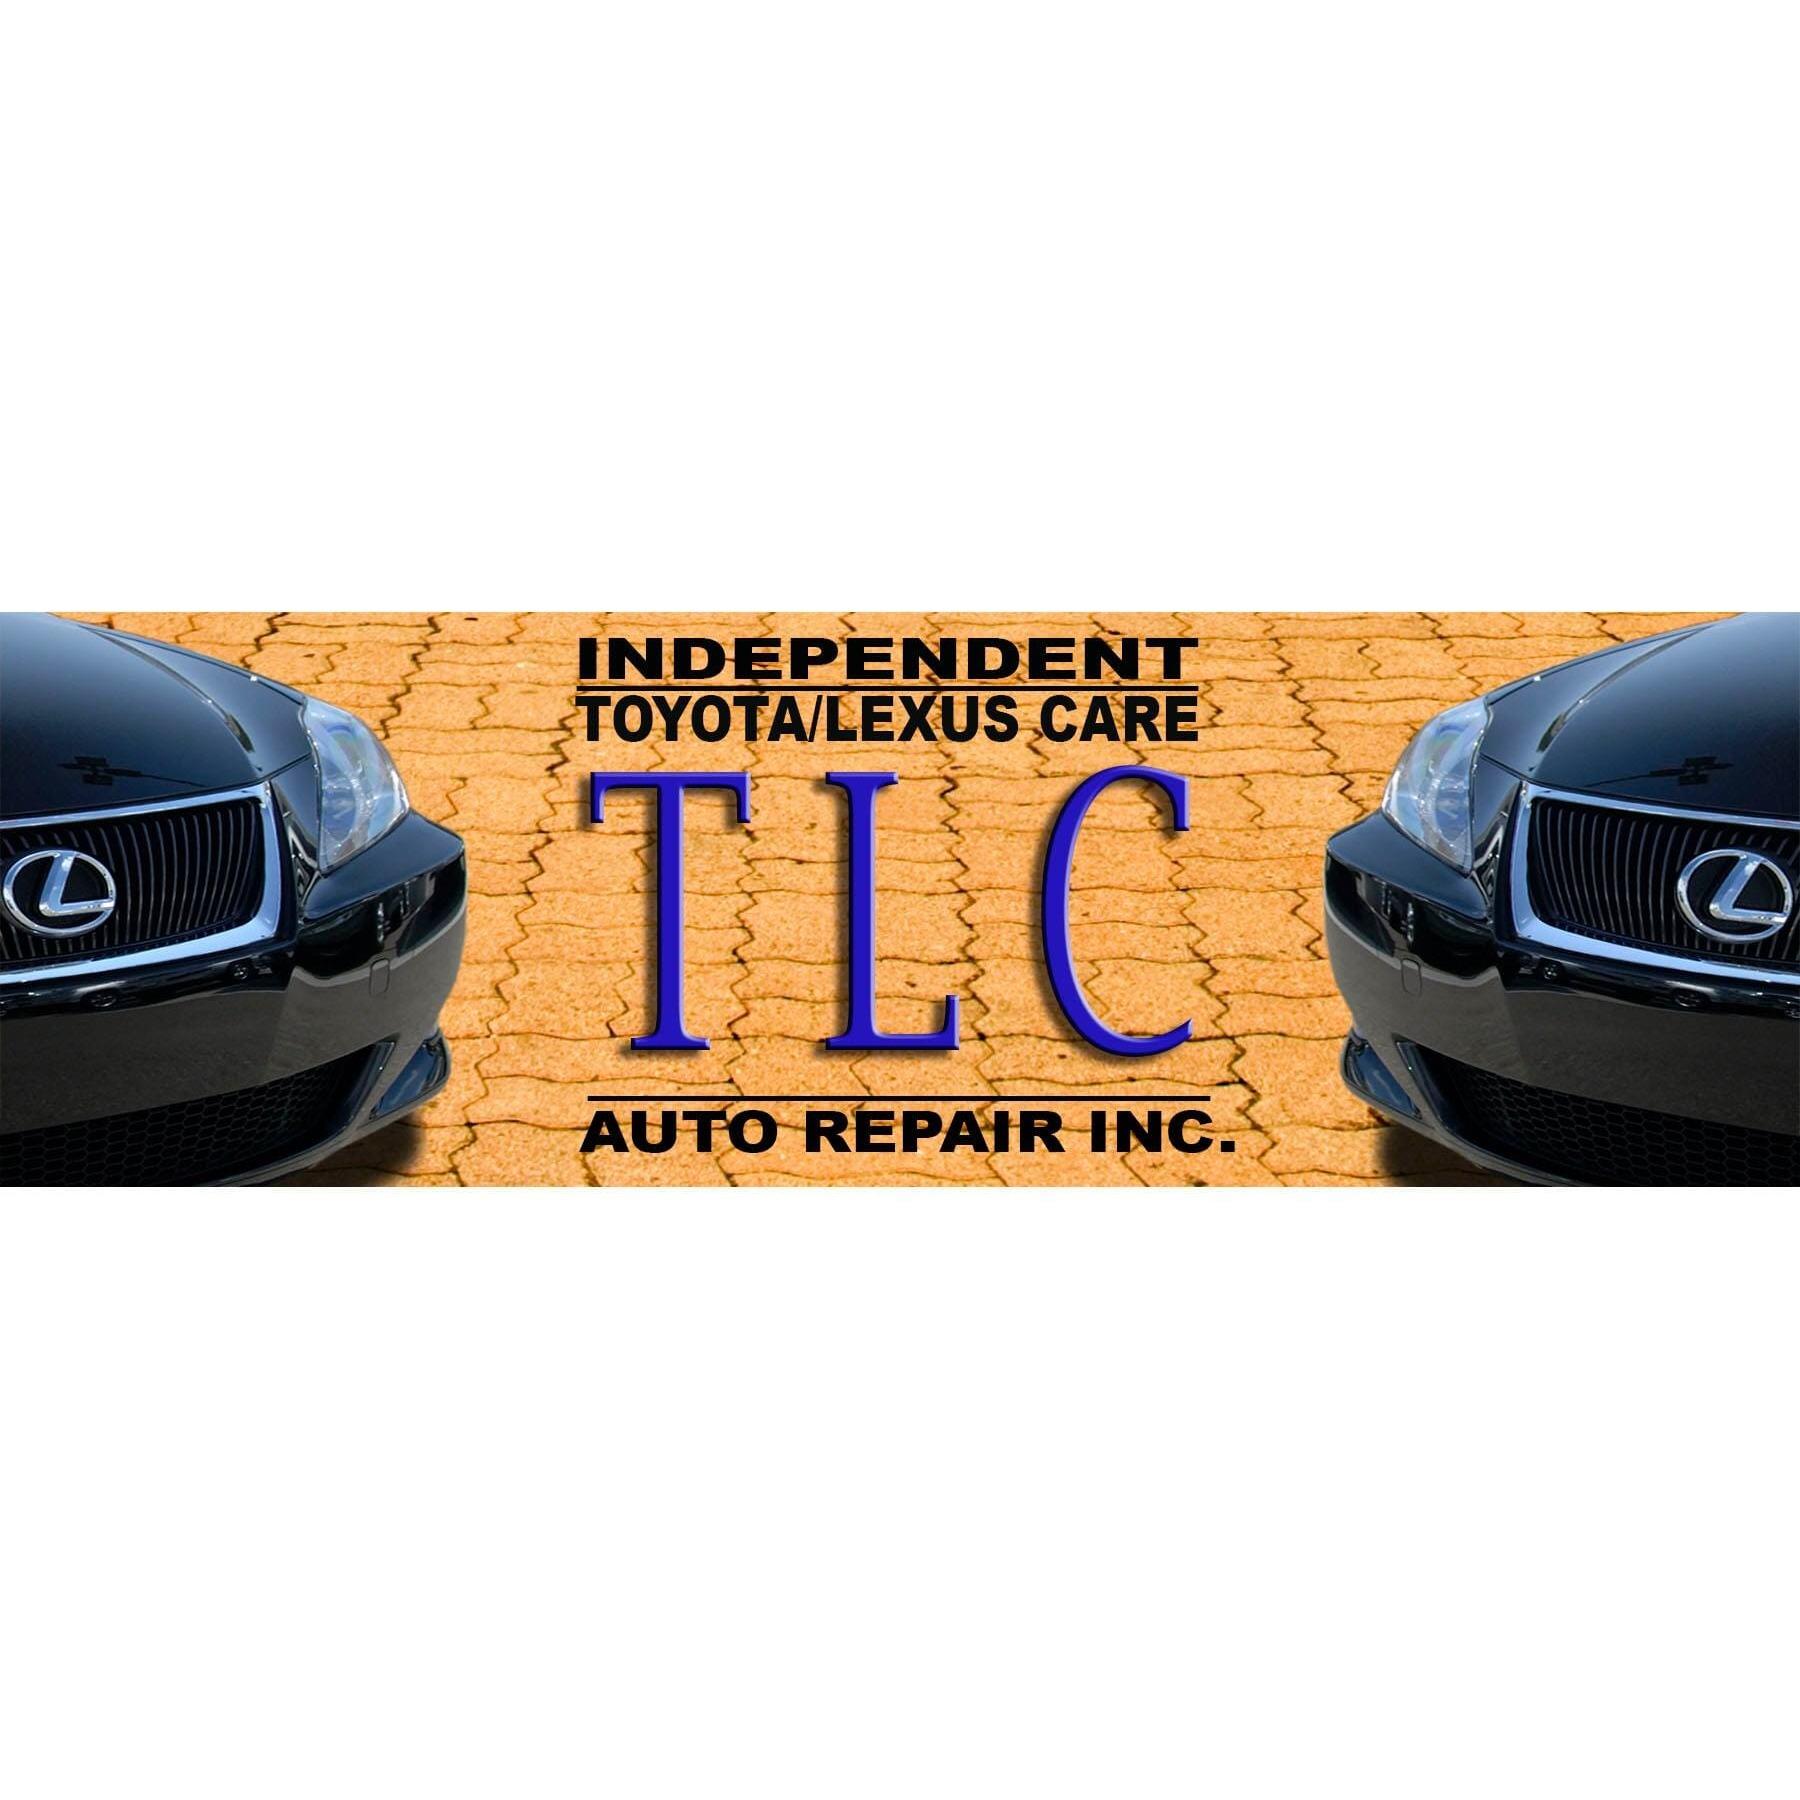 TLC AUTO REPAIR INC 7845 Raytheon Rd San Diego CA Auto Repair